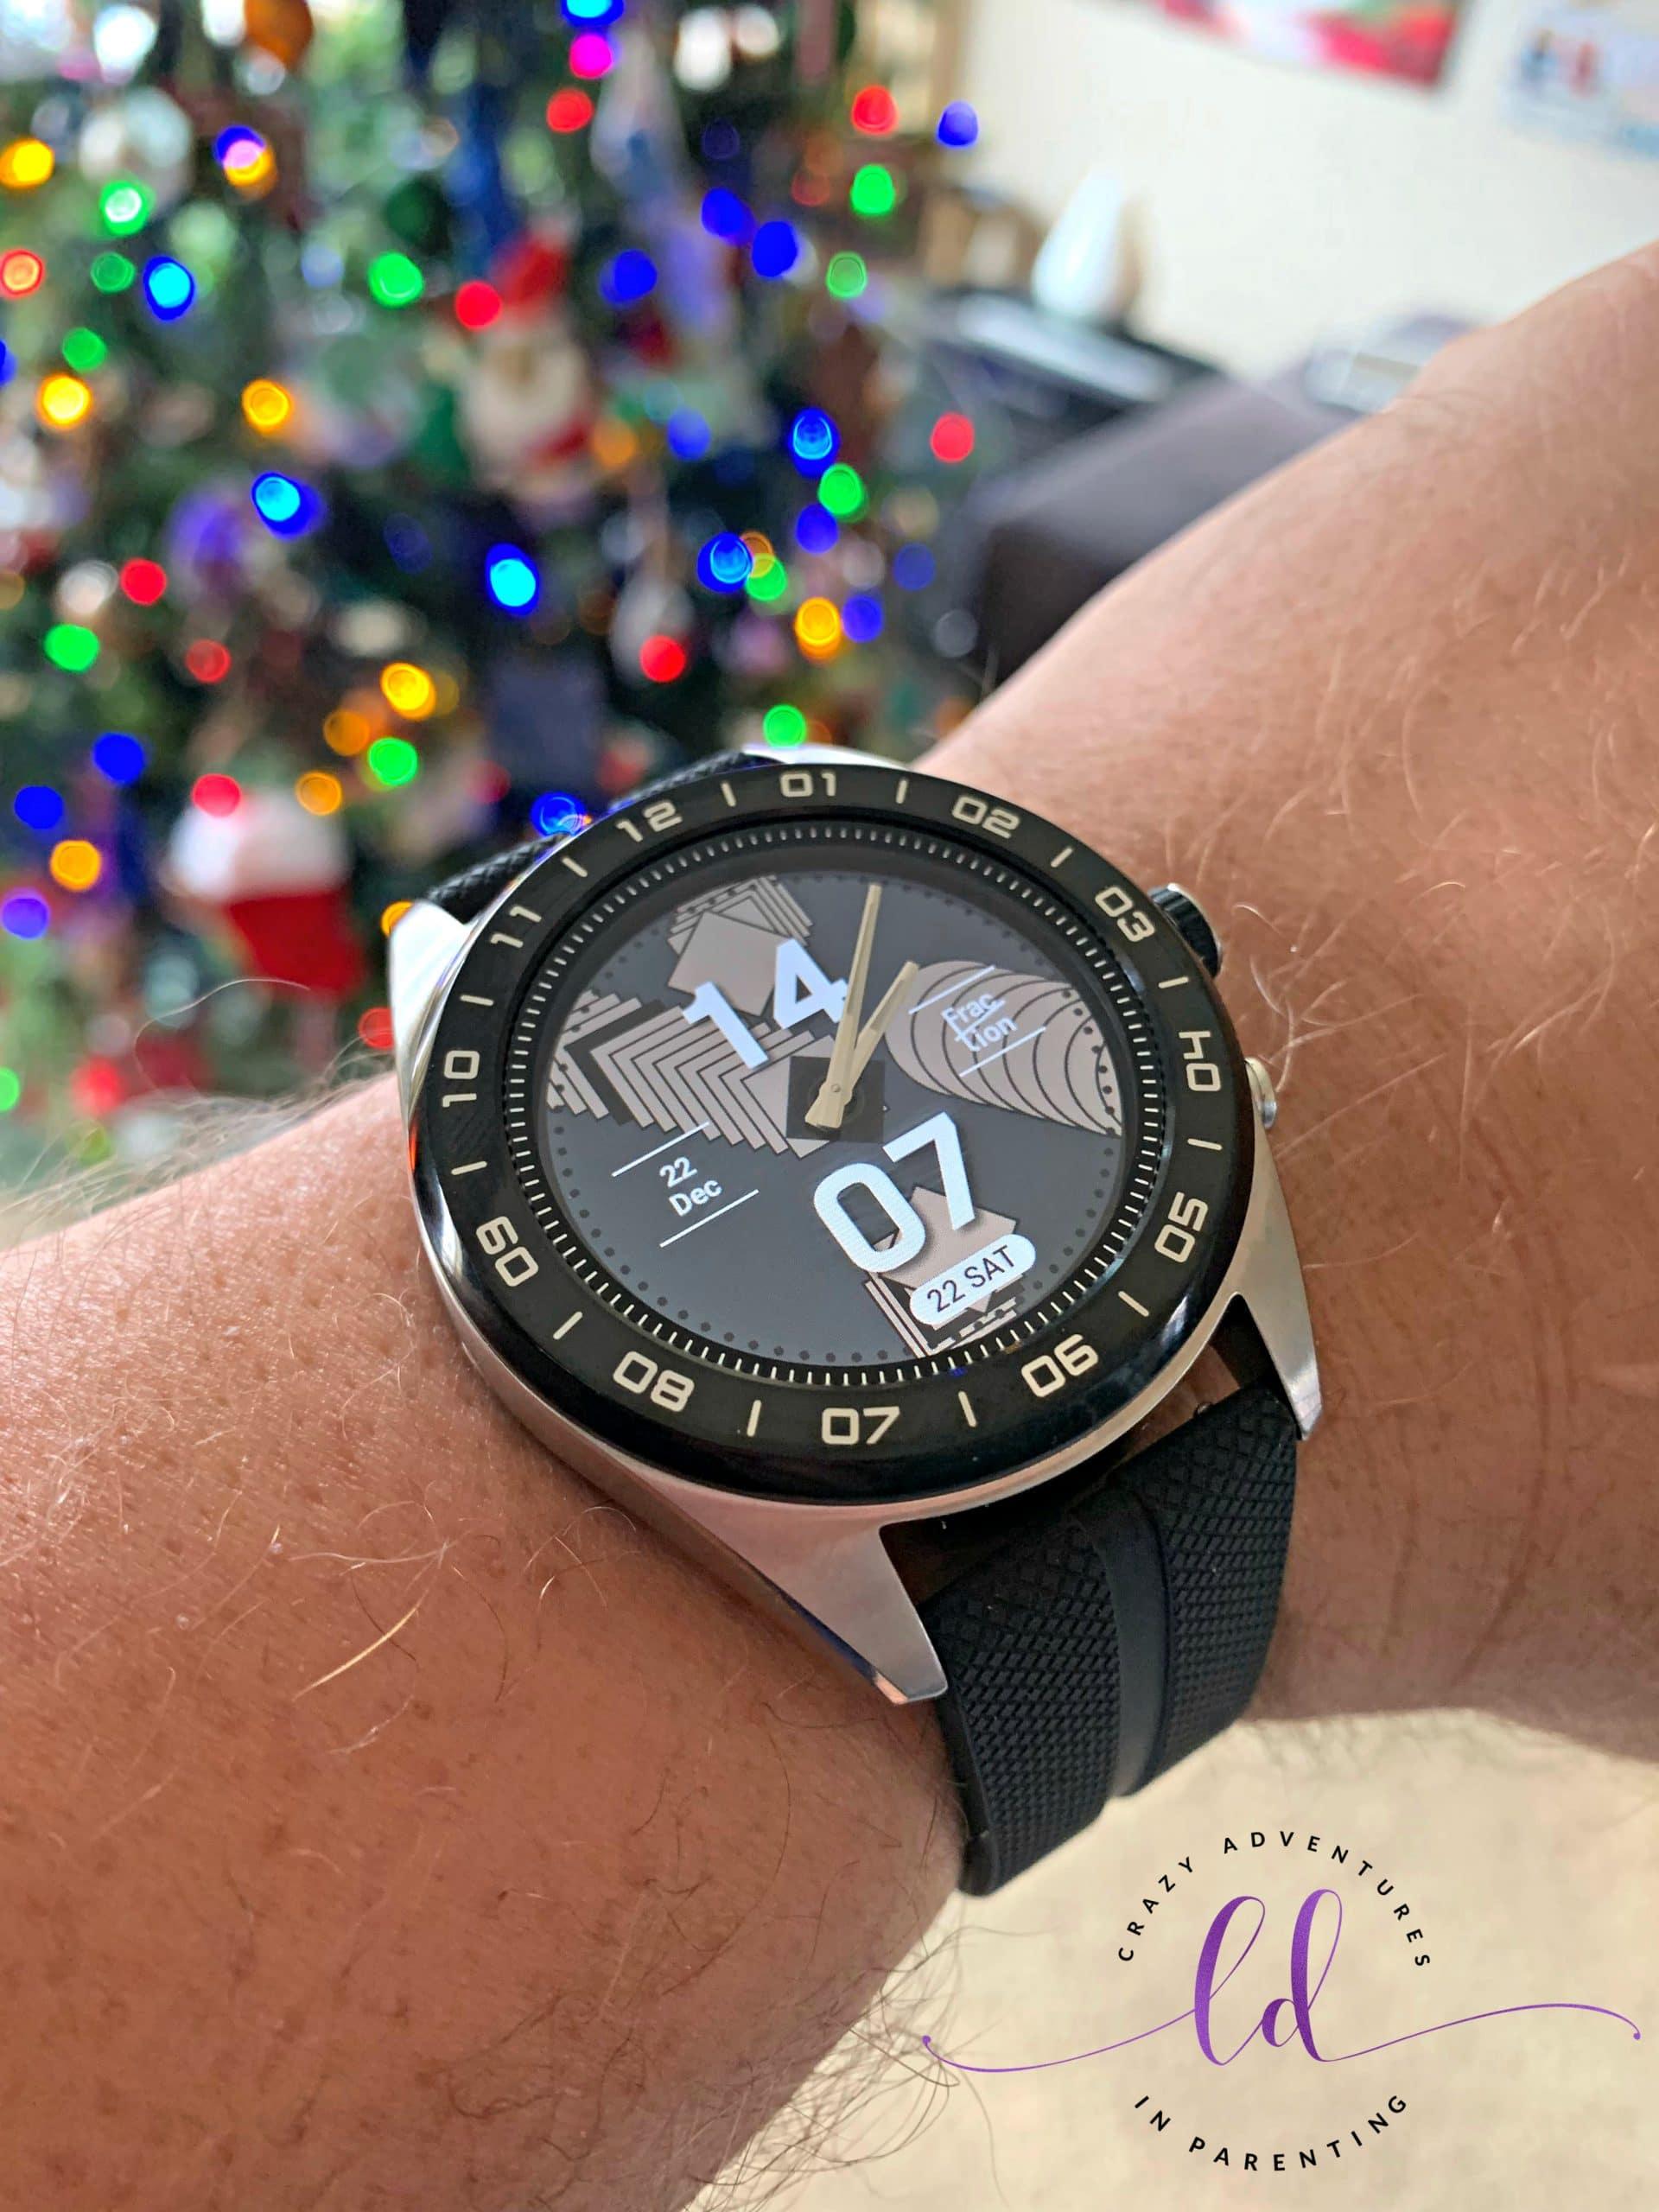 LG Watch W7 Smartwatch by Wear OS